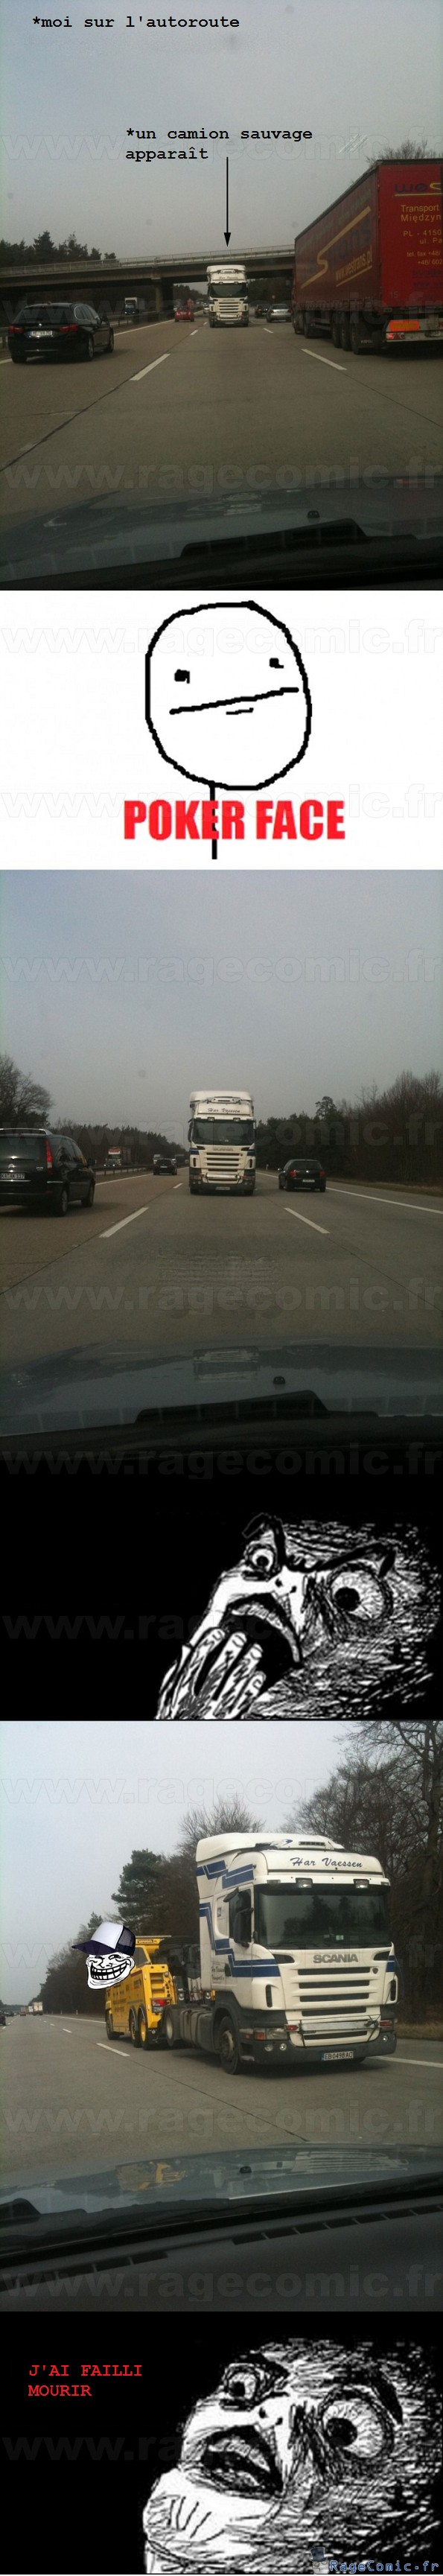 Un camion sur l'autoroute